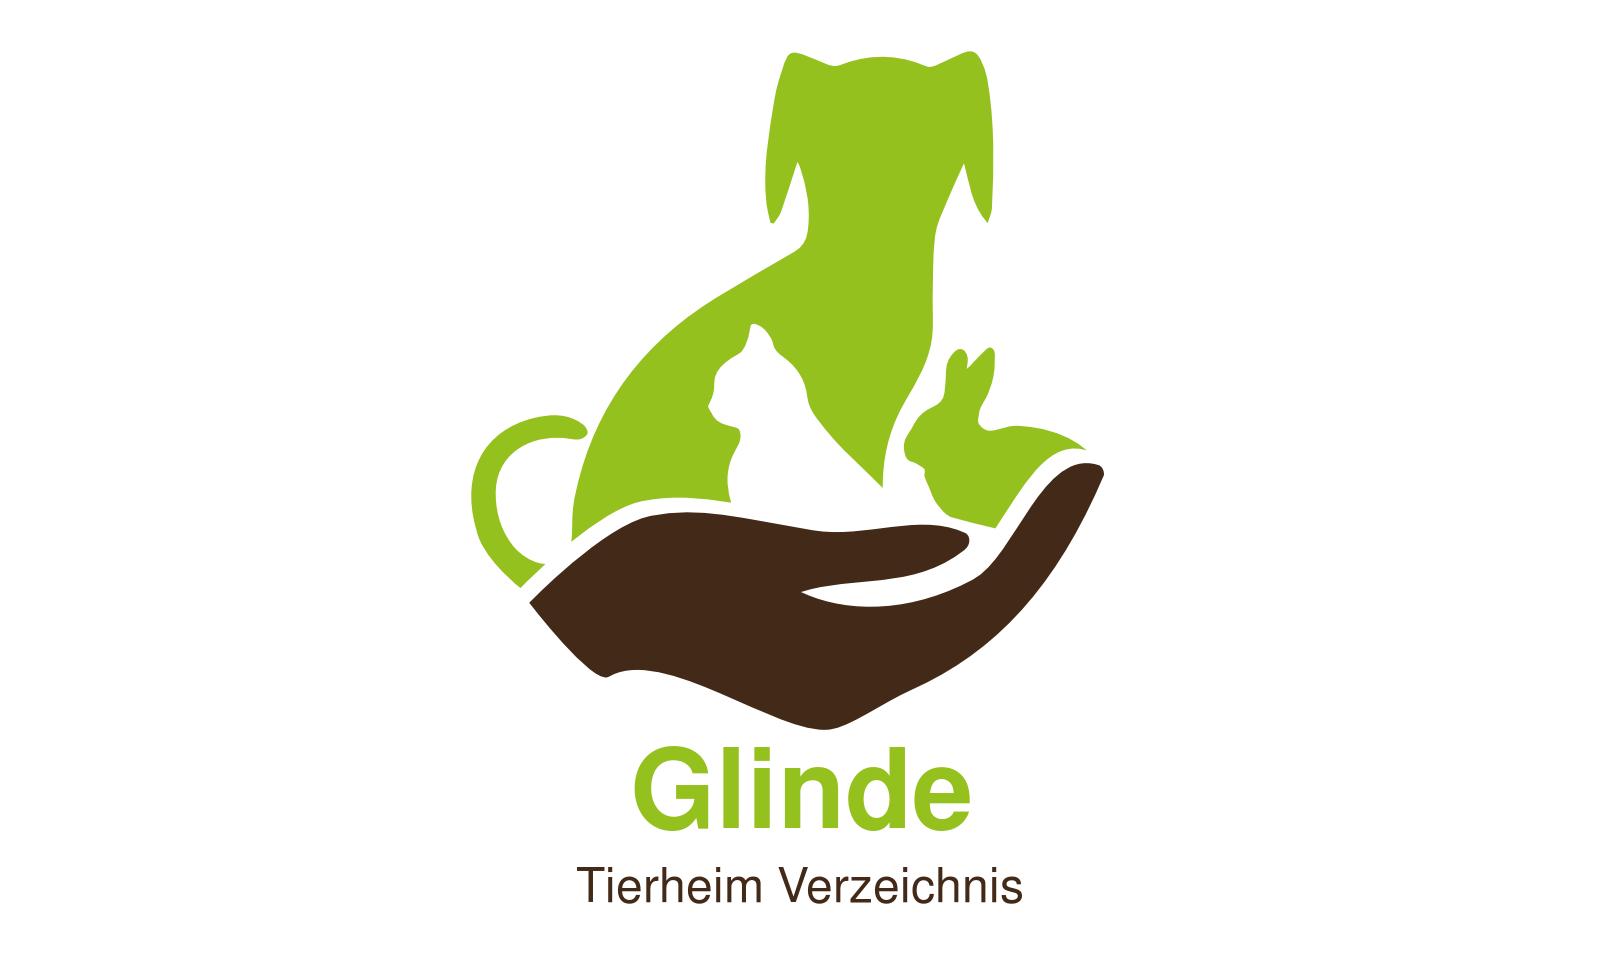 Tierheim Glinde